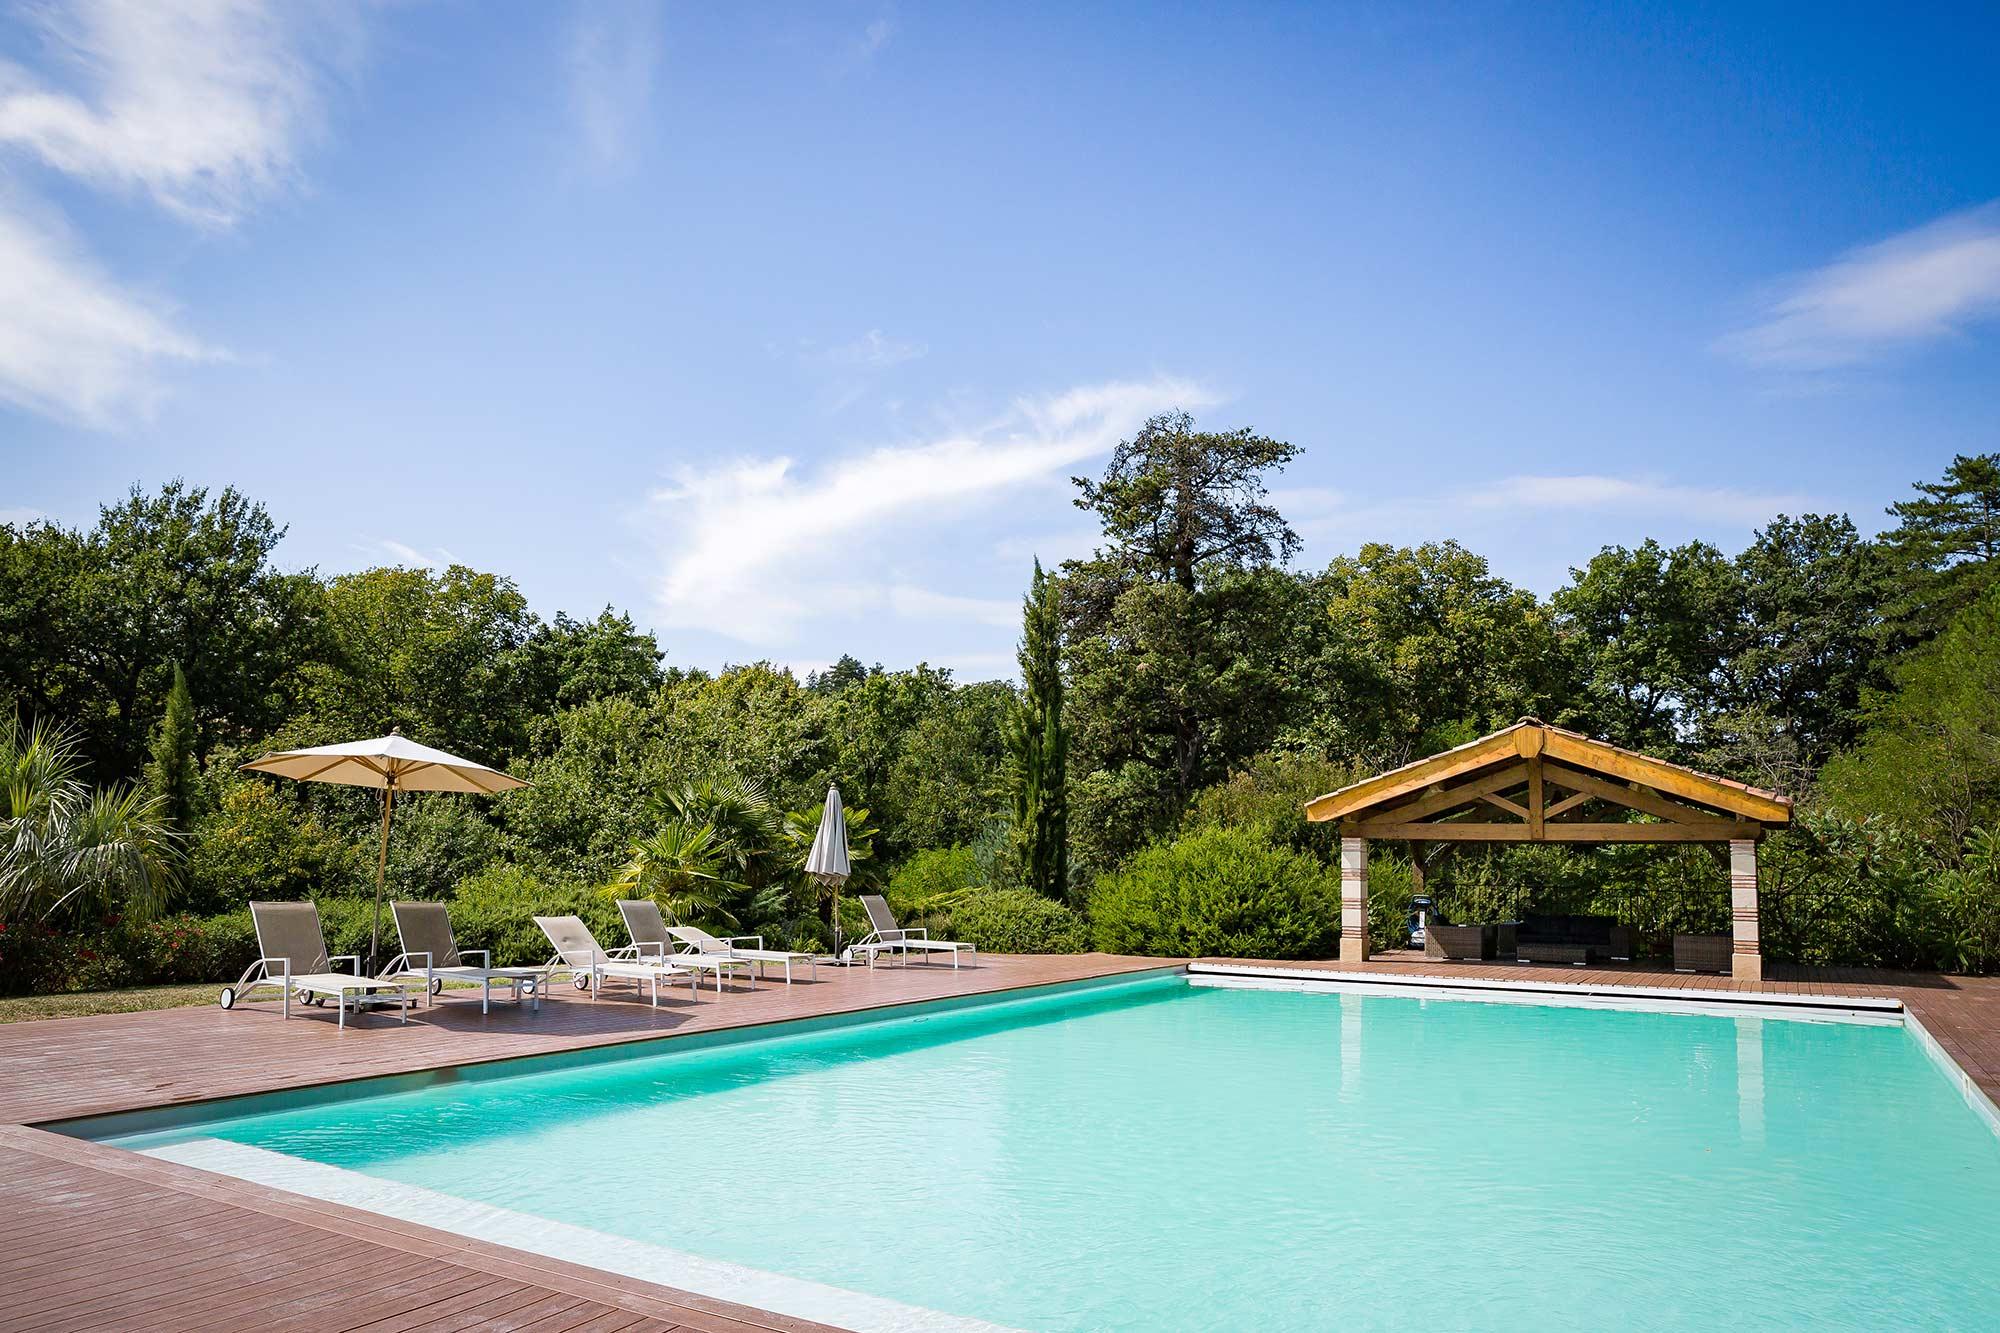 Domaine le Castelet pool